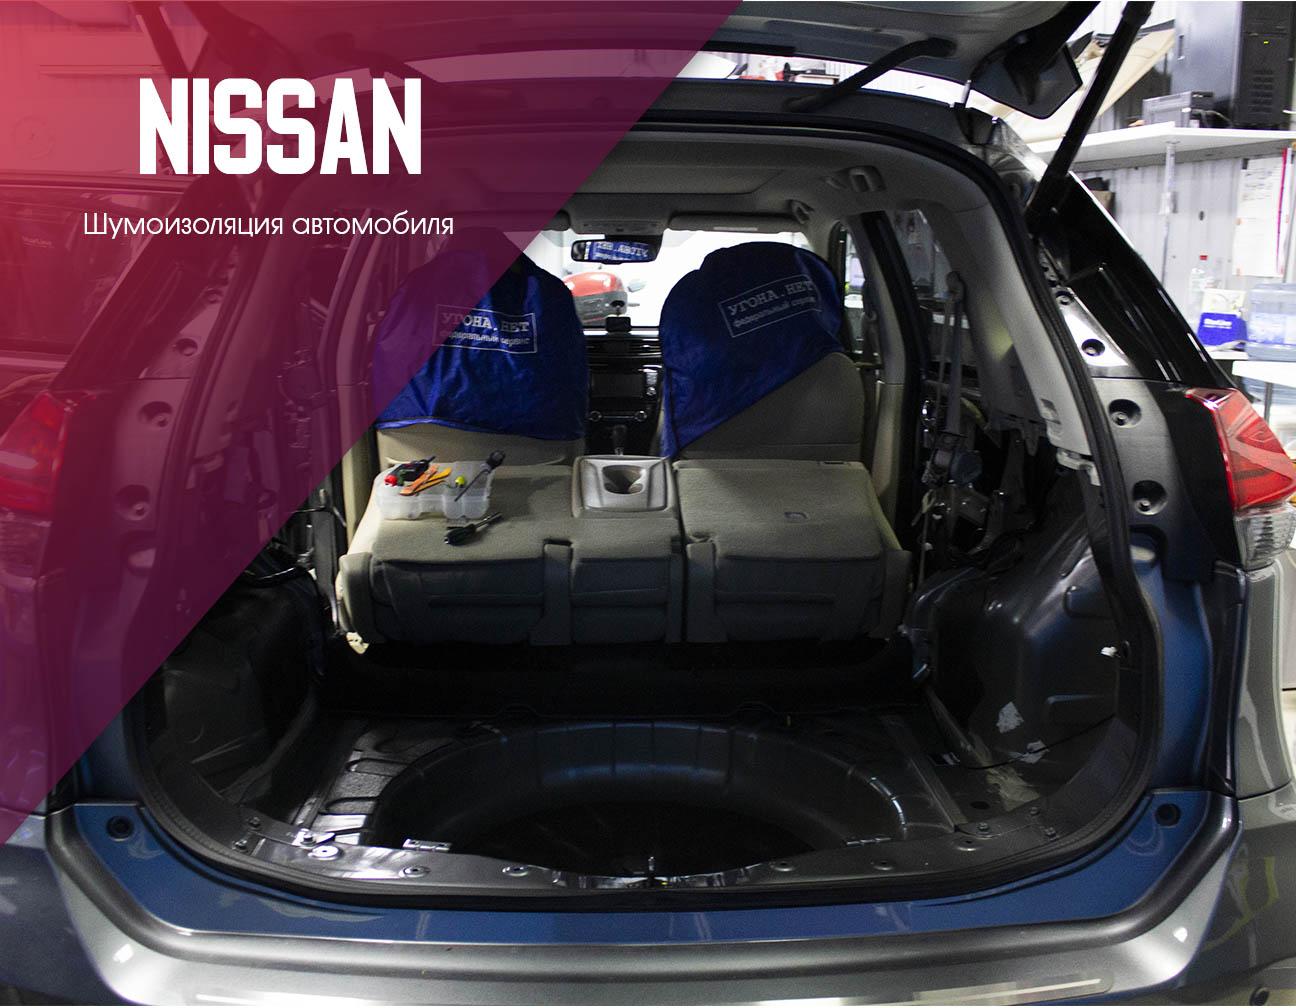 Nissan X-Trail Шумоизоляция